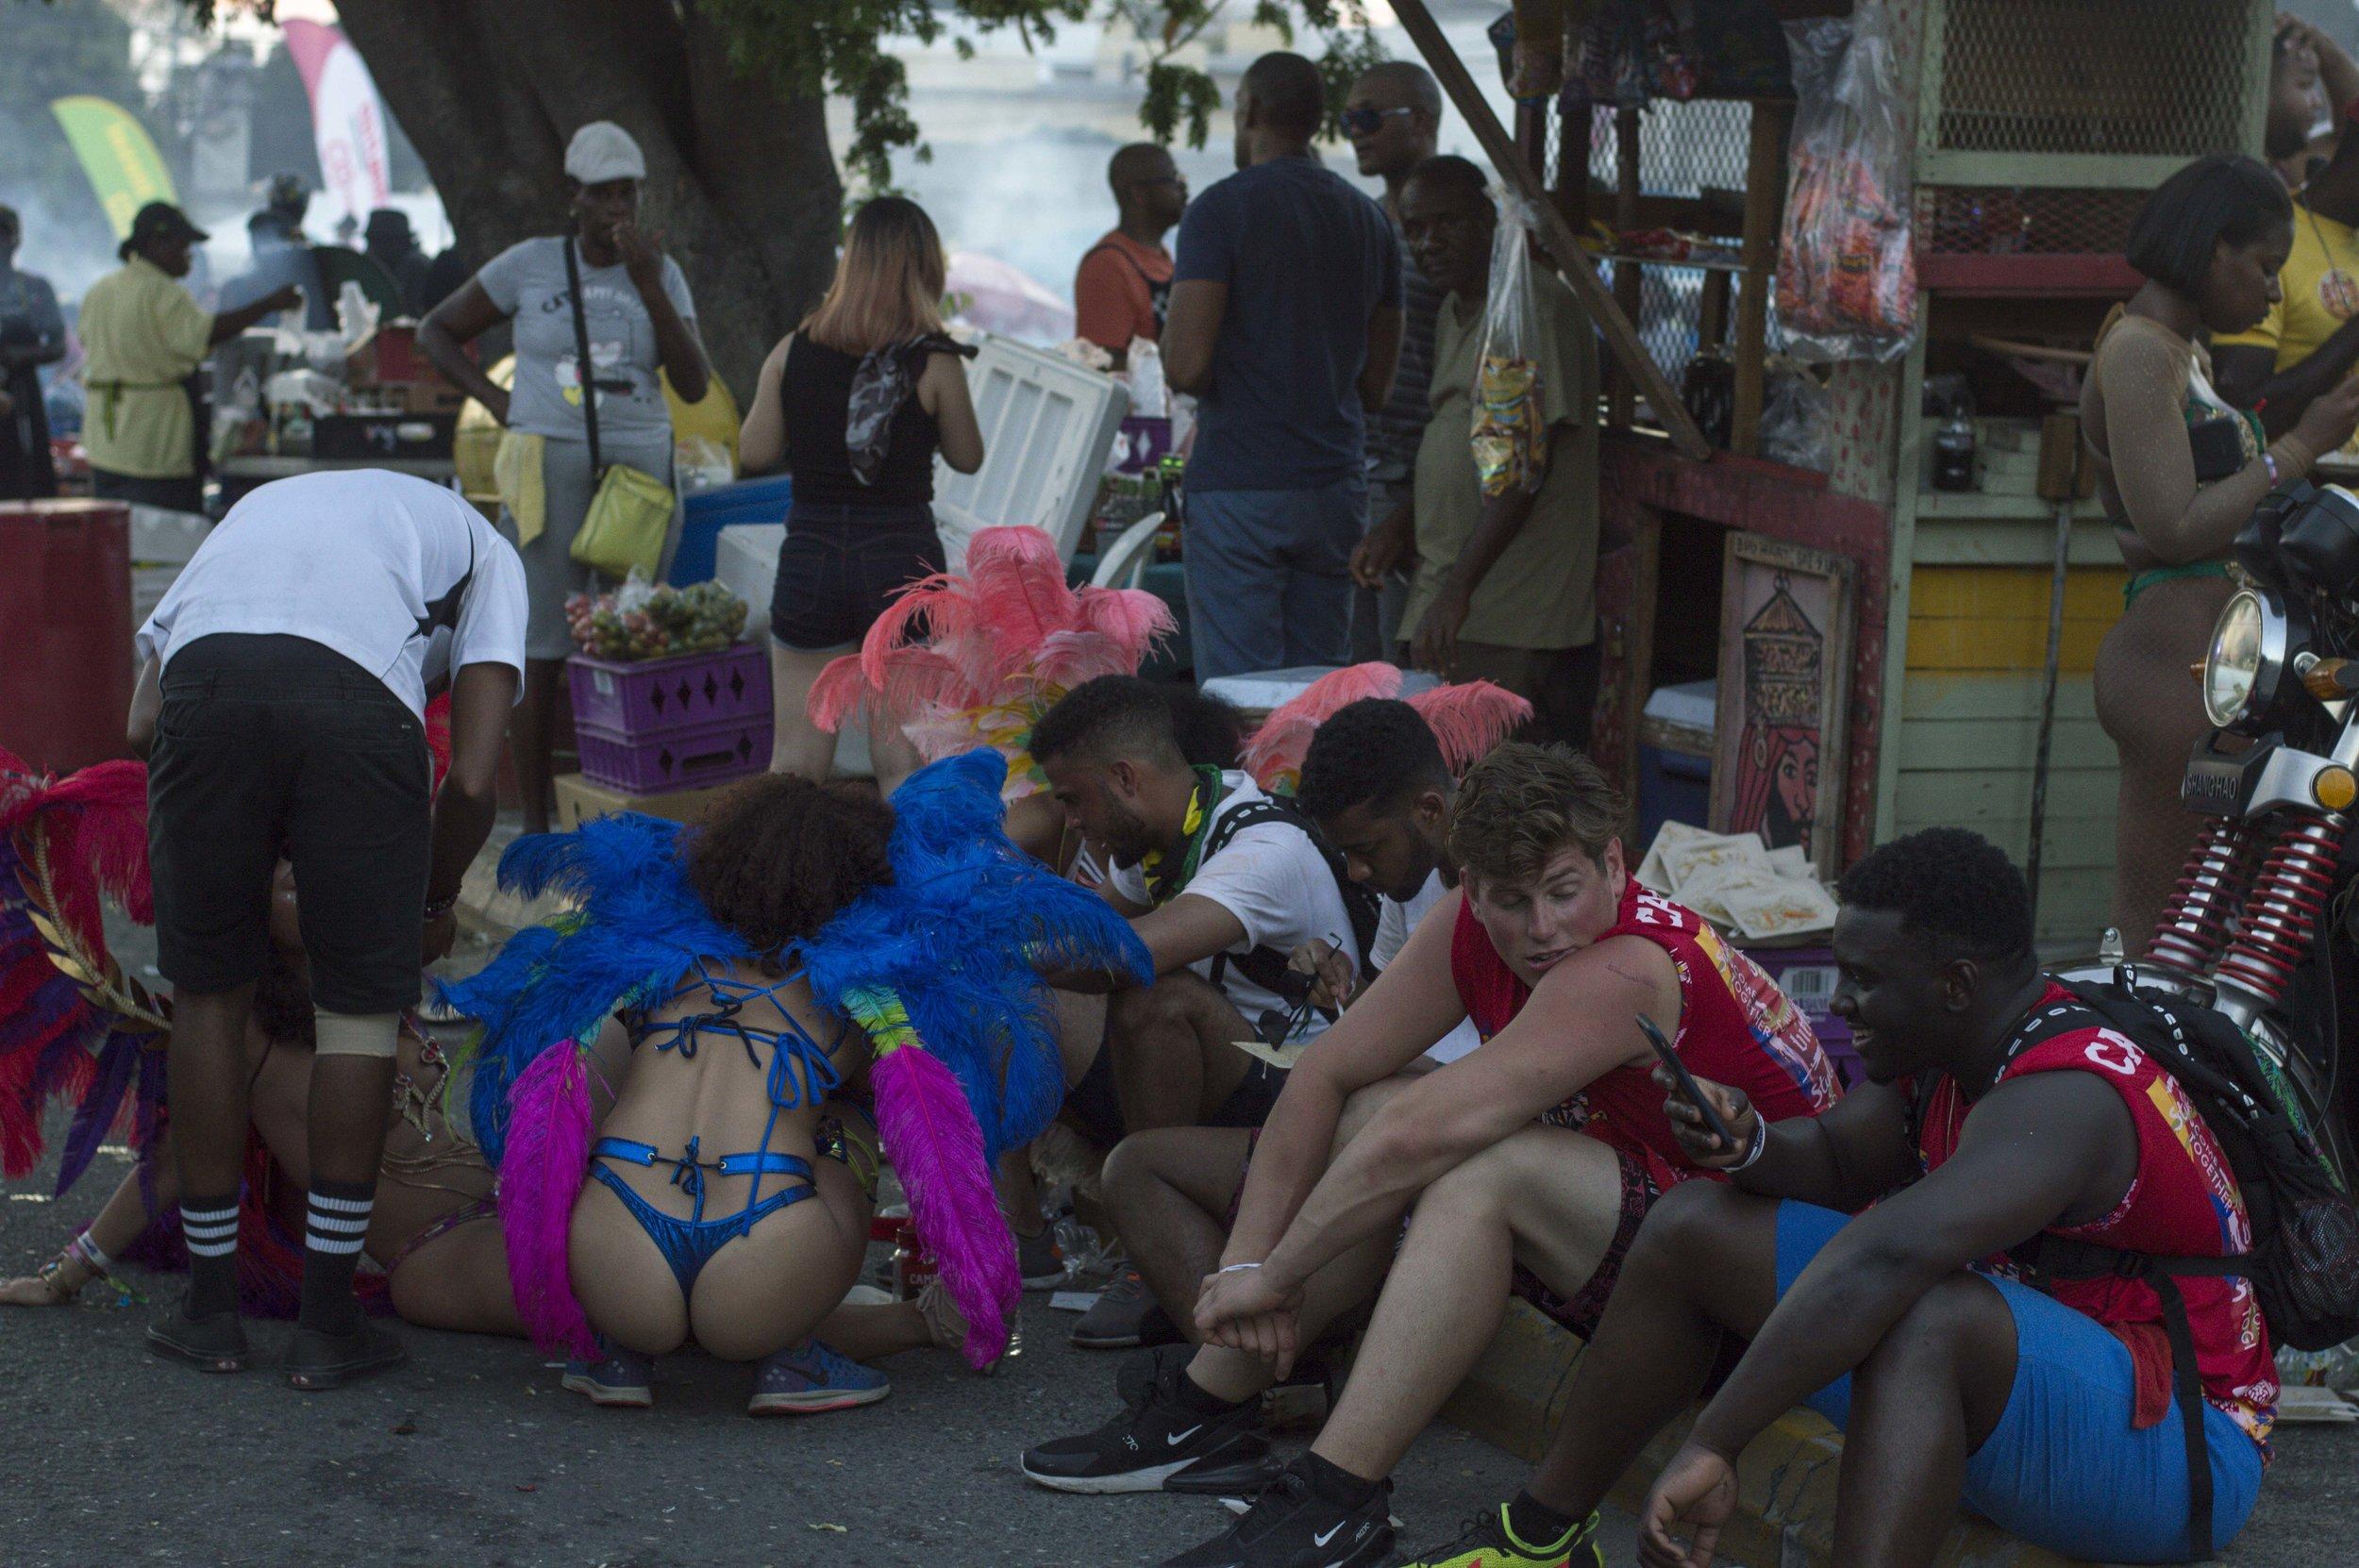 carnival2019_jeanalindo-80.jpg